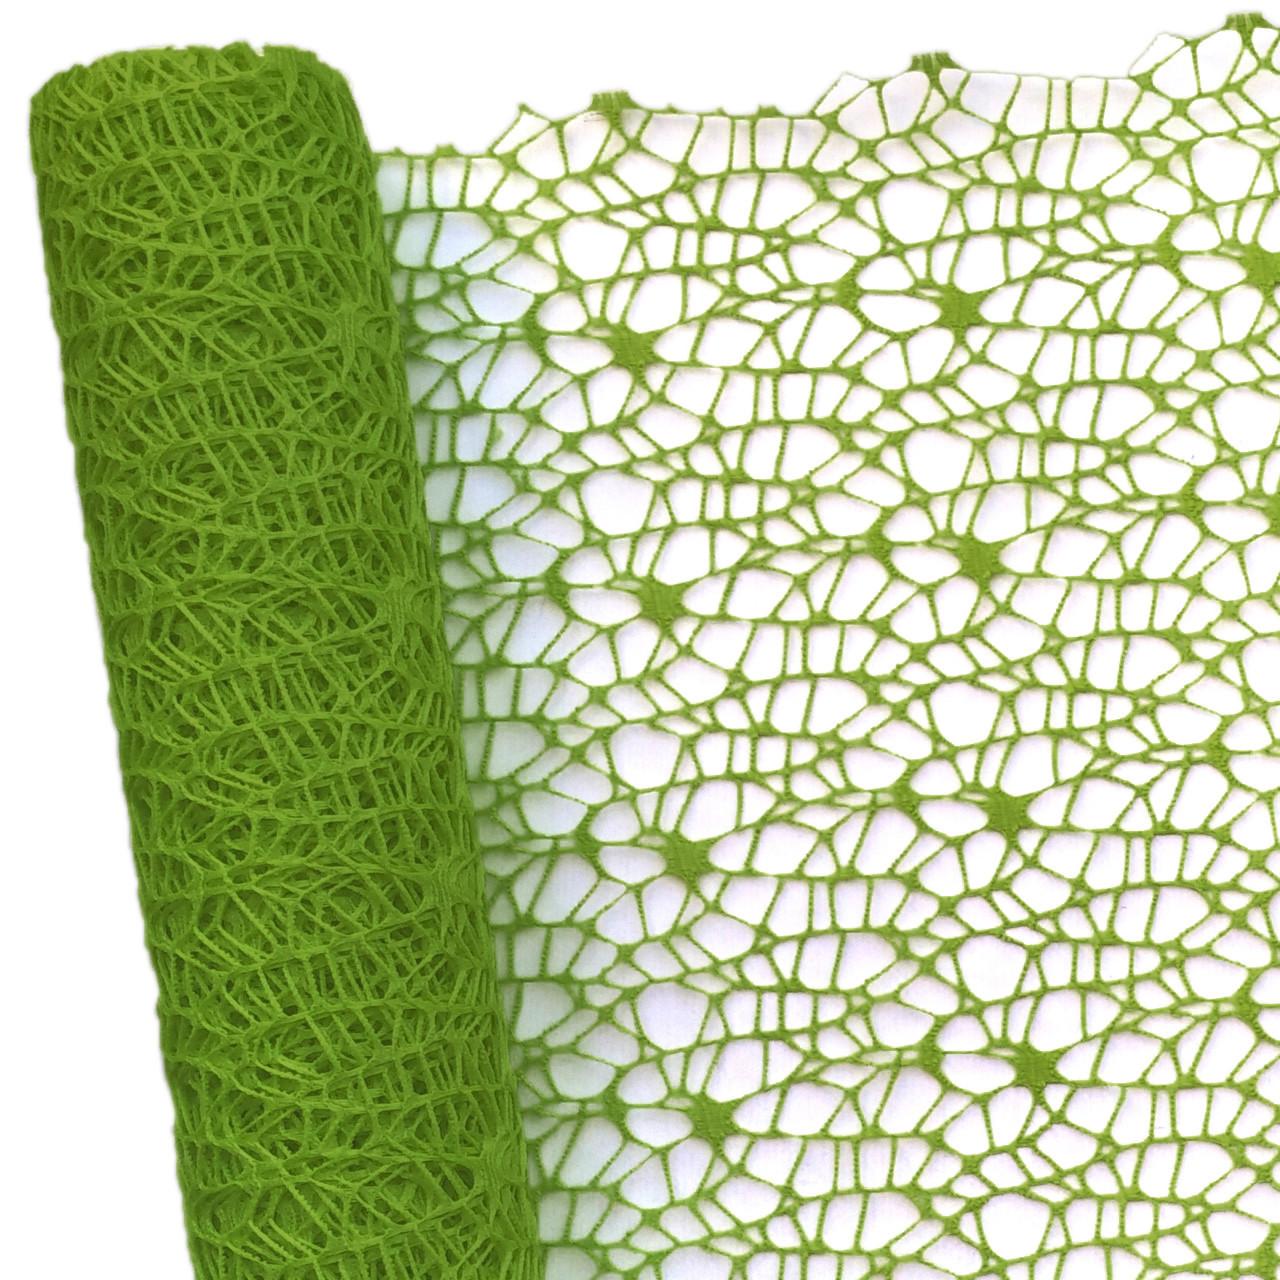 Сетка флористическая Poly net 1 хаки 53см х 5ярдов